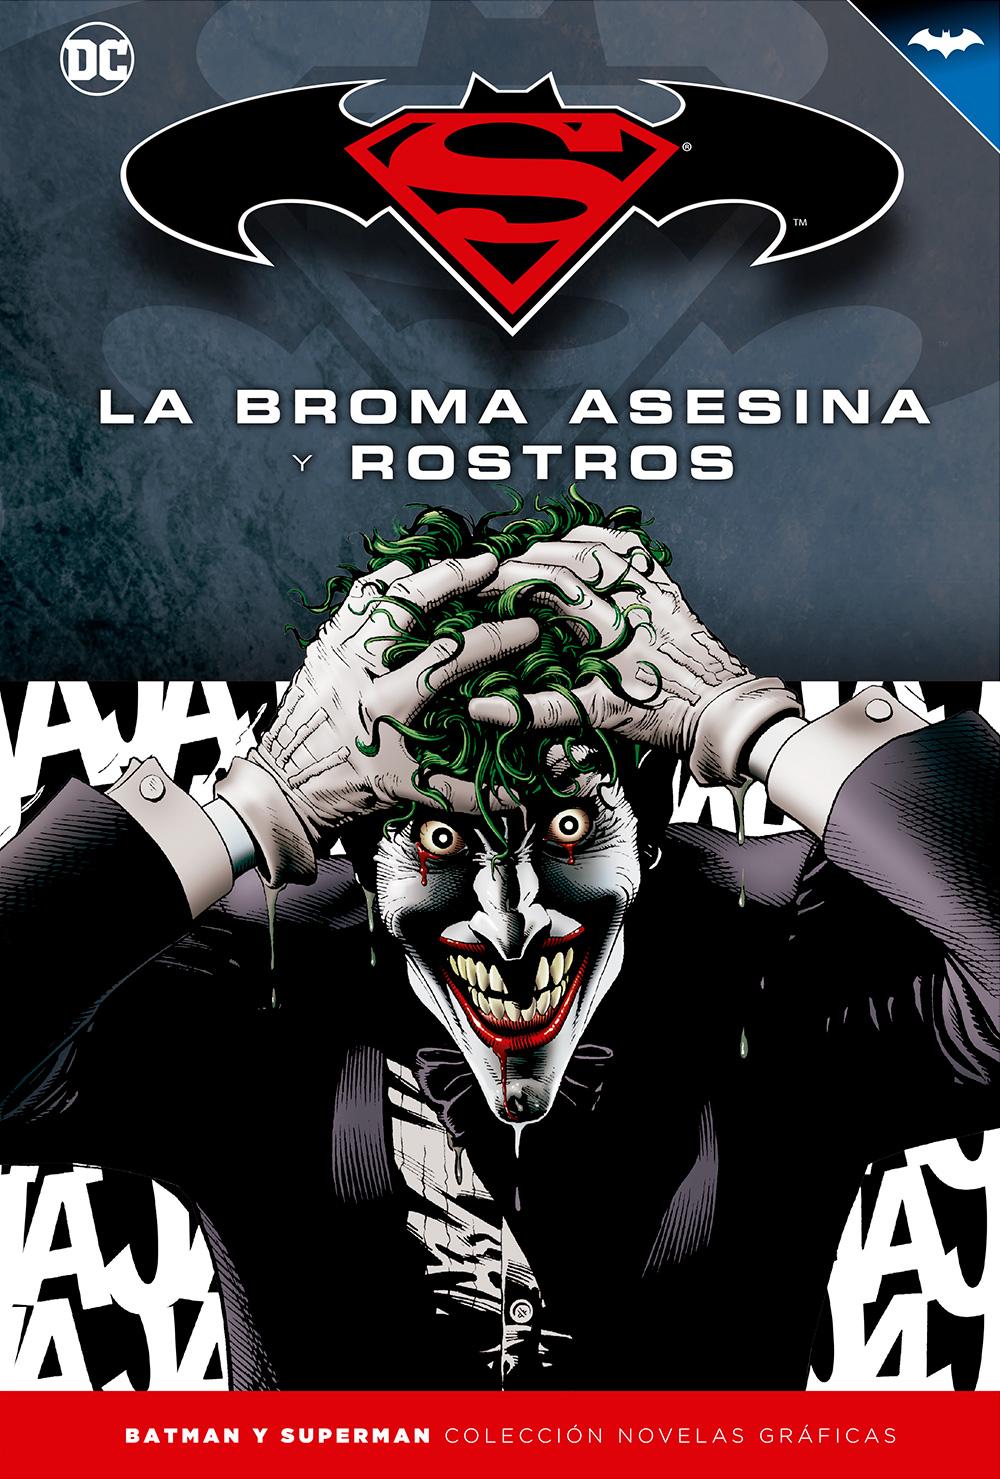 [DC - Salvat] Batman y Superman: Colección Novelas Gráficas - Página 3 Portada_BMSM_4_LaBromaAsesina